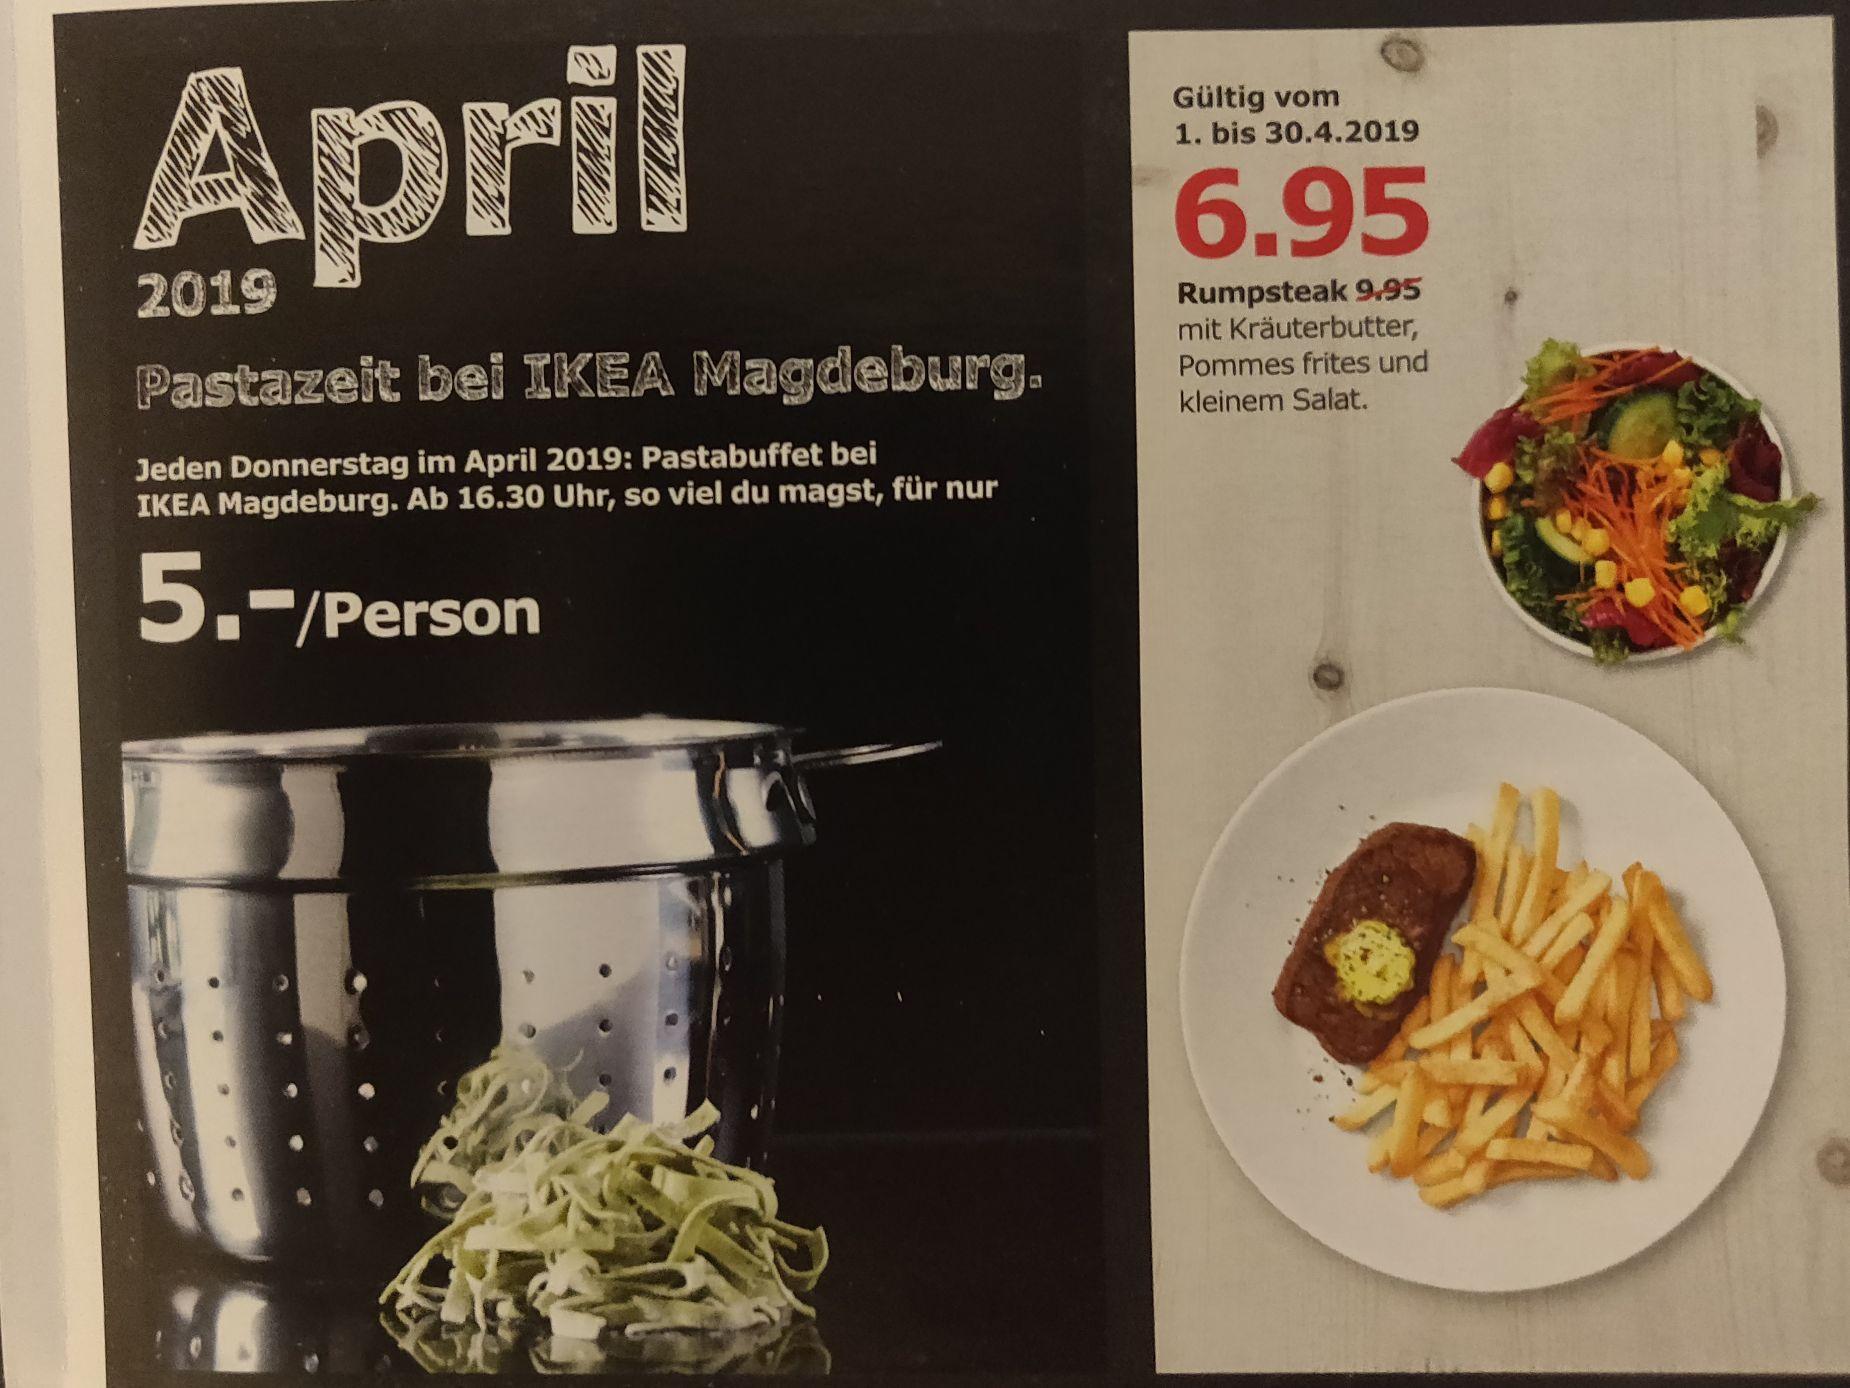 ikea magdeburg pastabuffet jeden donnerstag im april ab. Black Bedroom Furniture Sets. Home Design Ideas